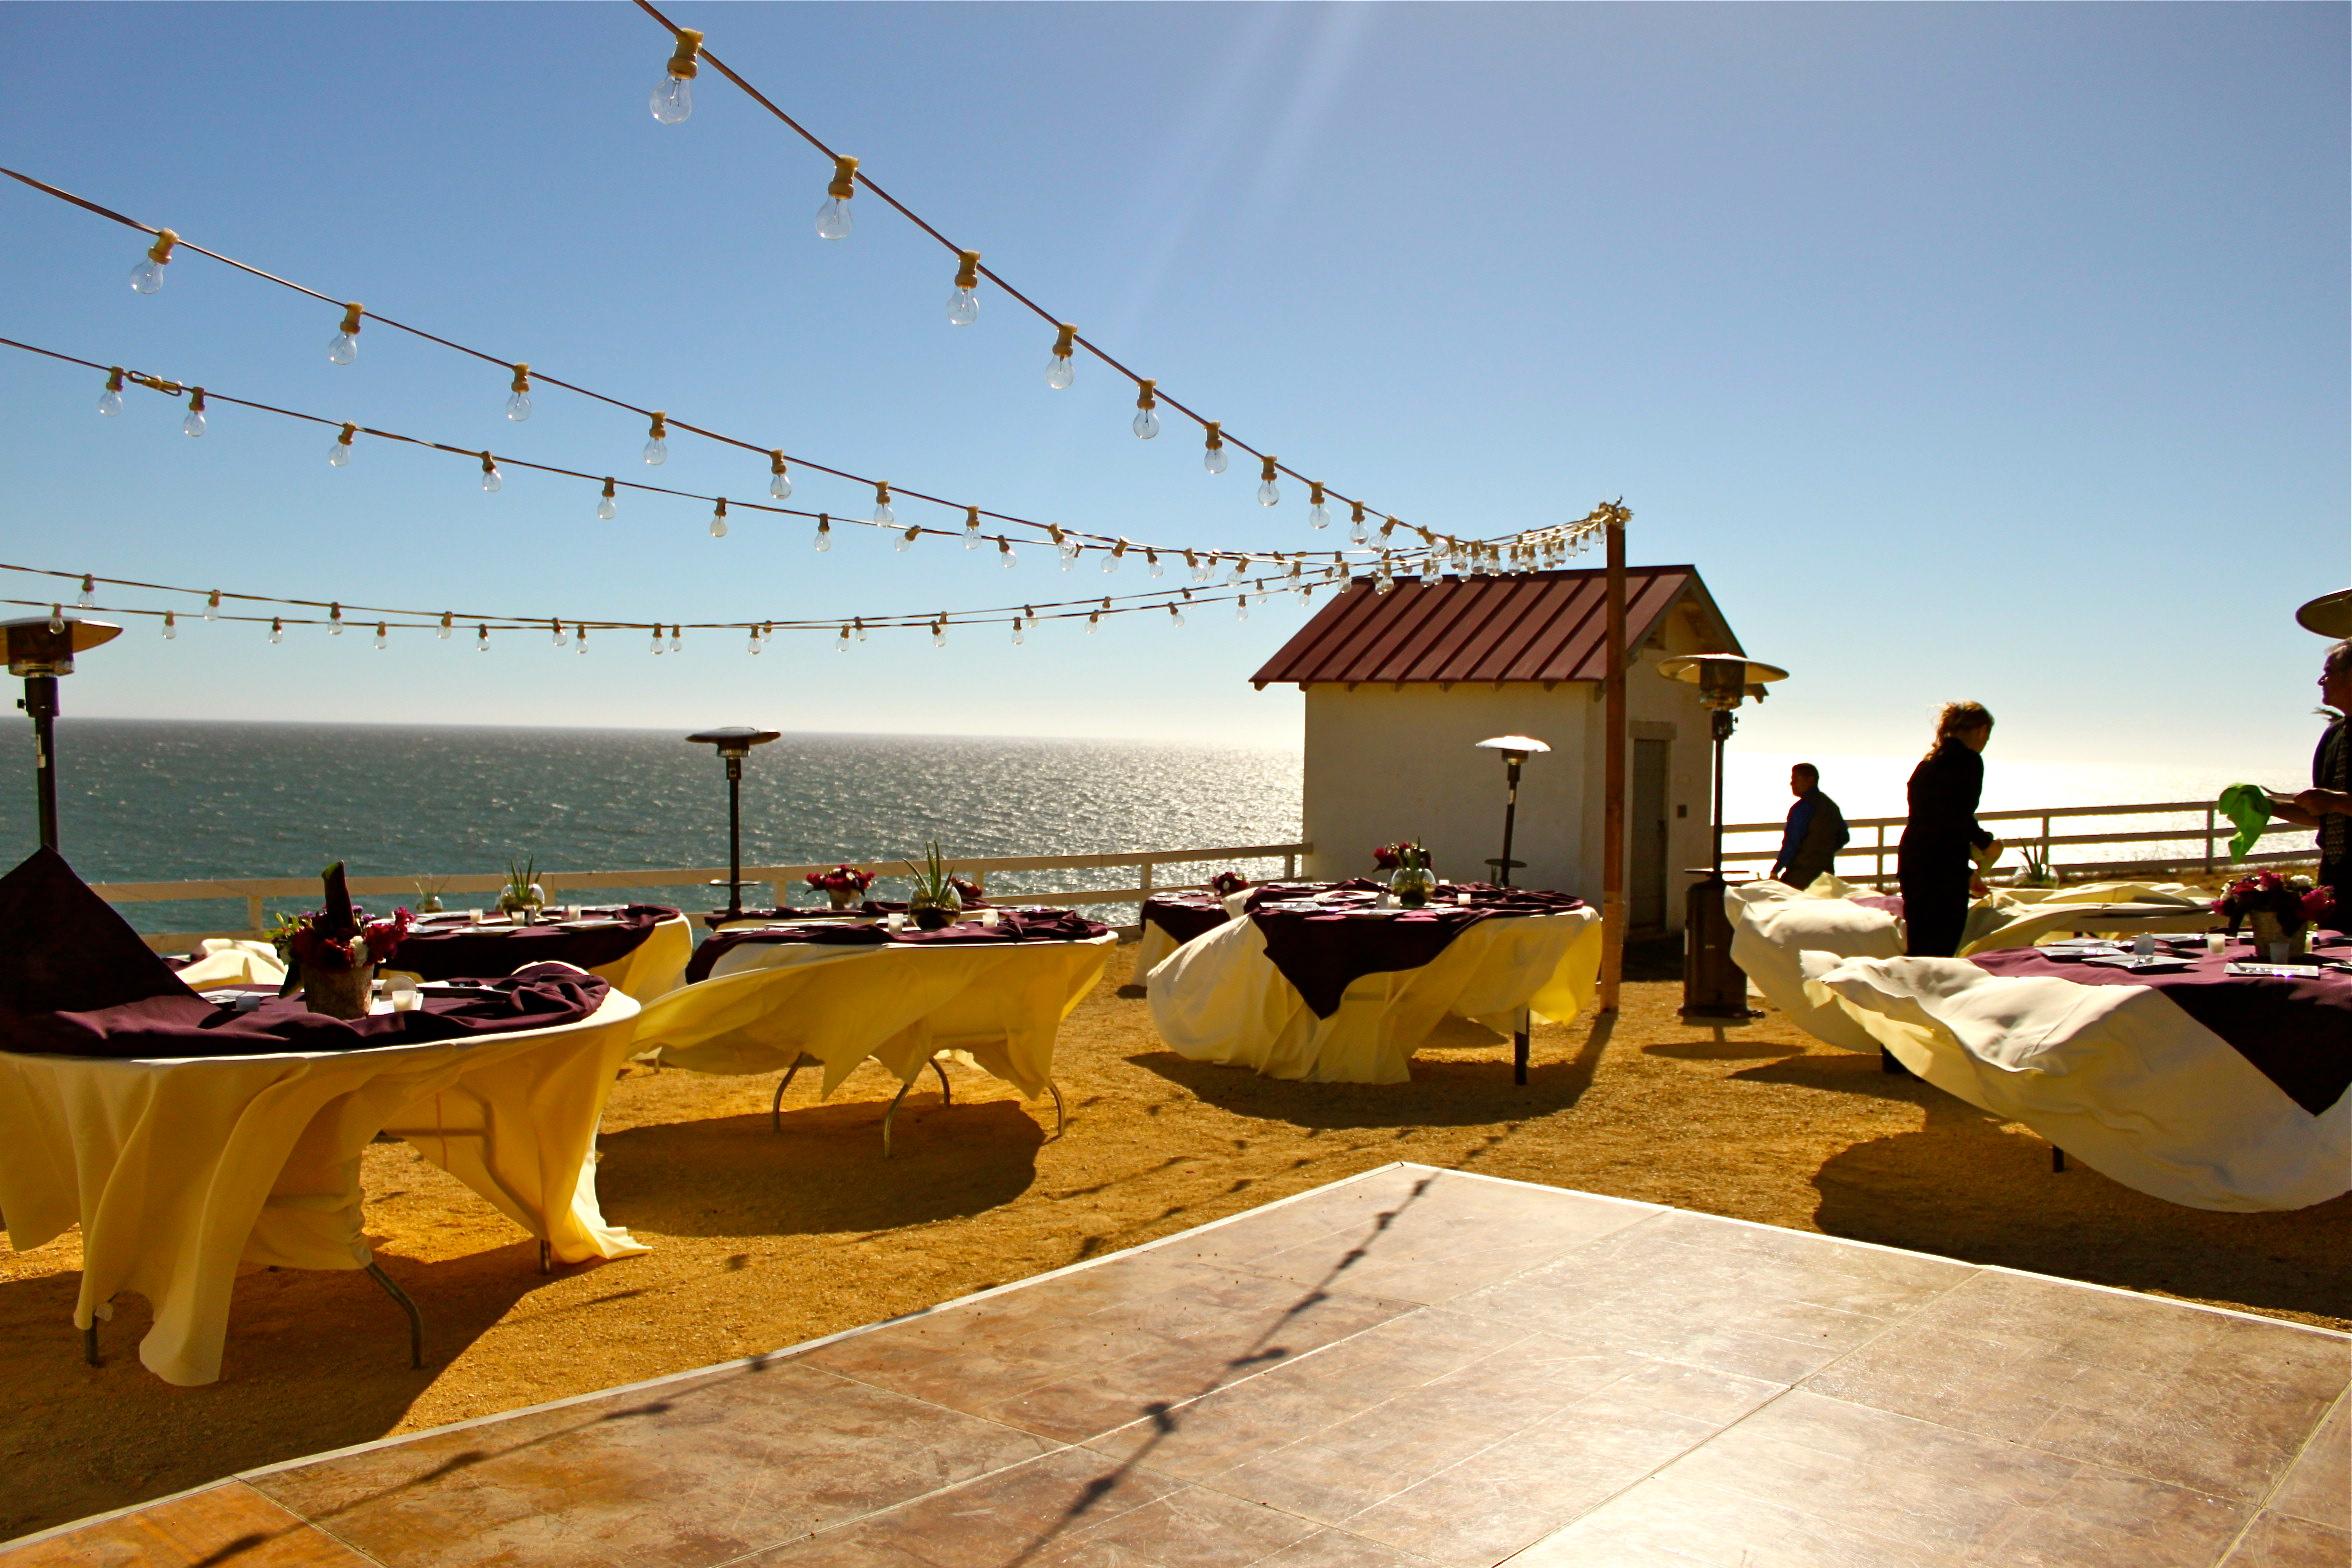 port san luis lighthouse avila beach california